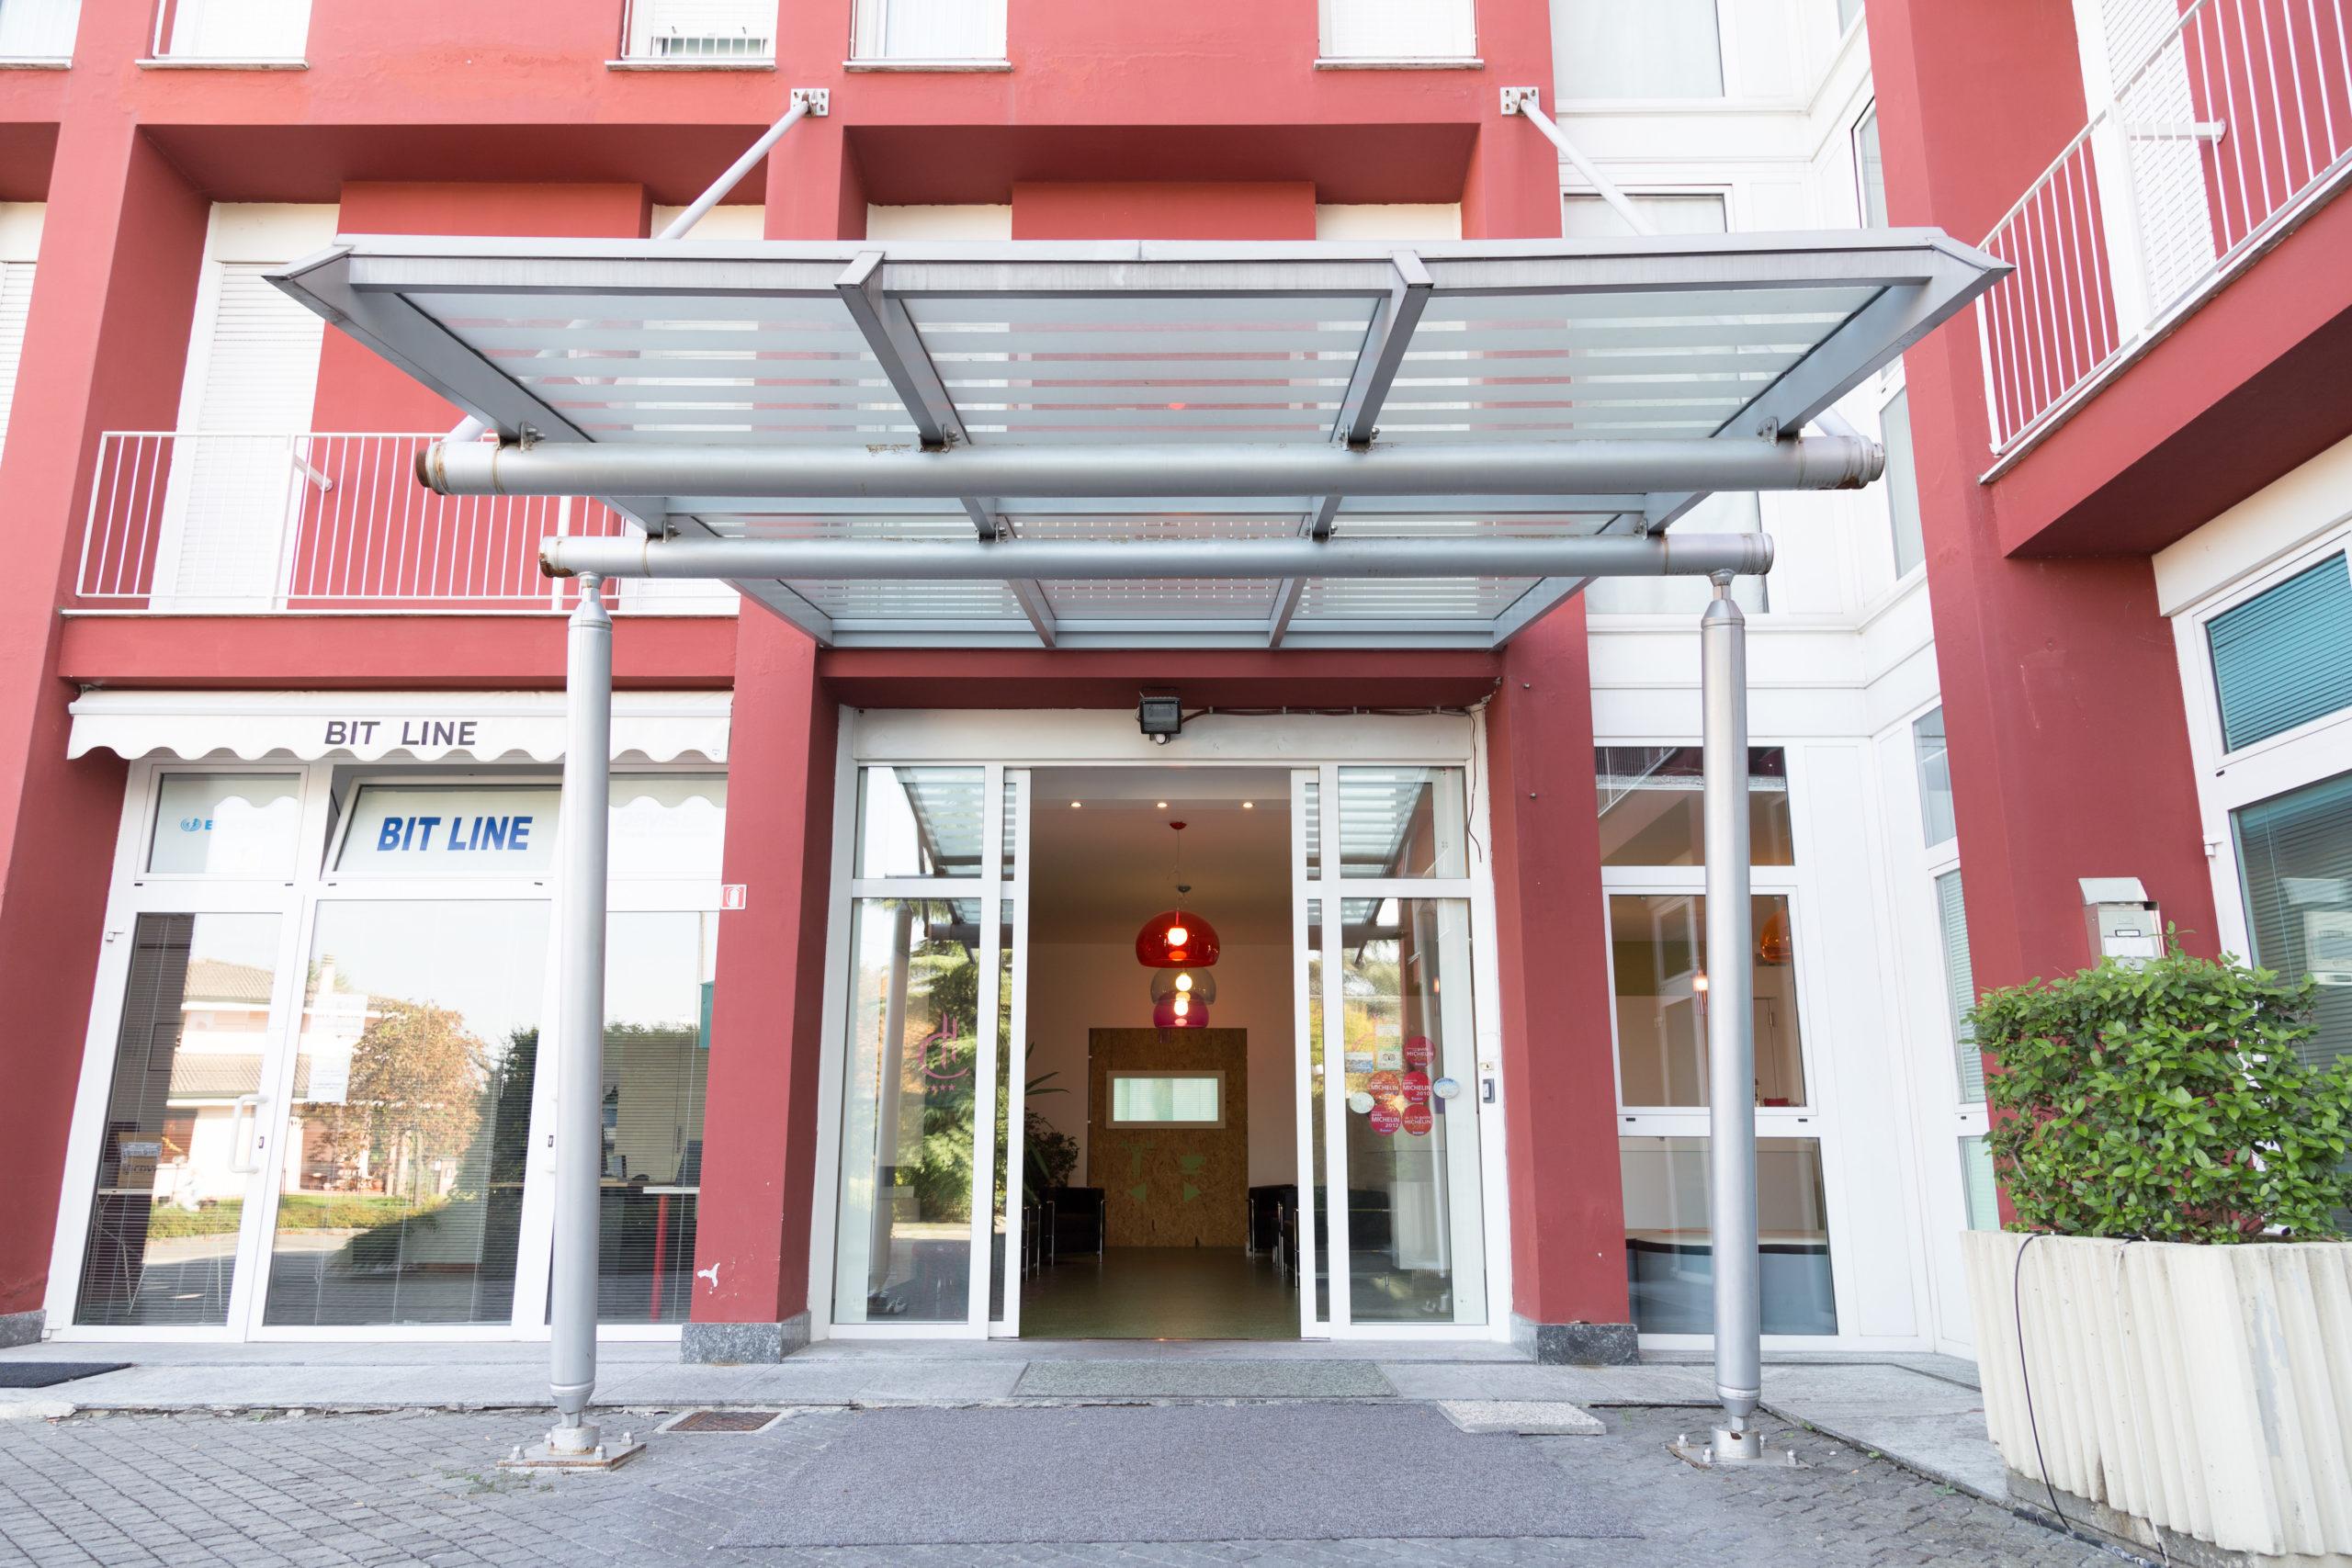 Ulteriore Numero Telefonico Hotel Campus Parma Collecchio: 0521 1755109